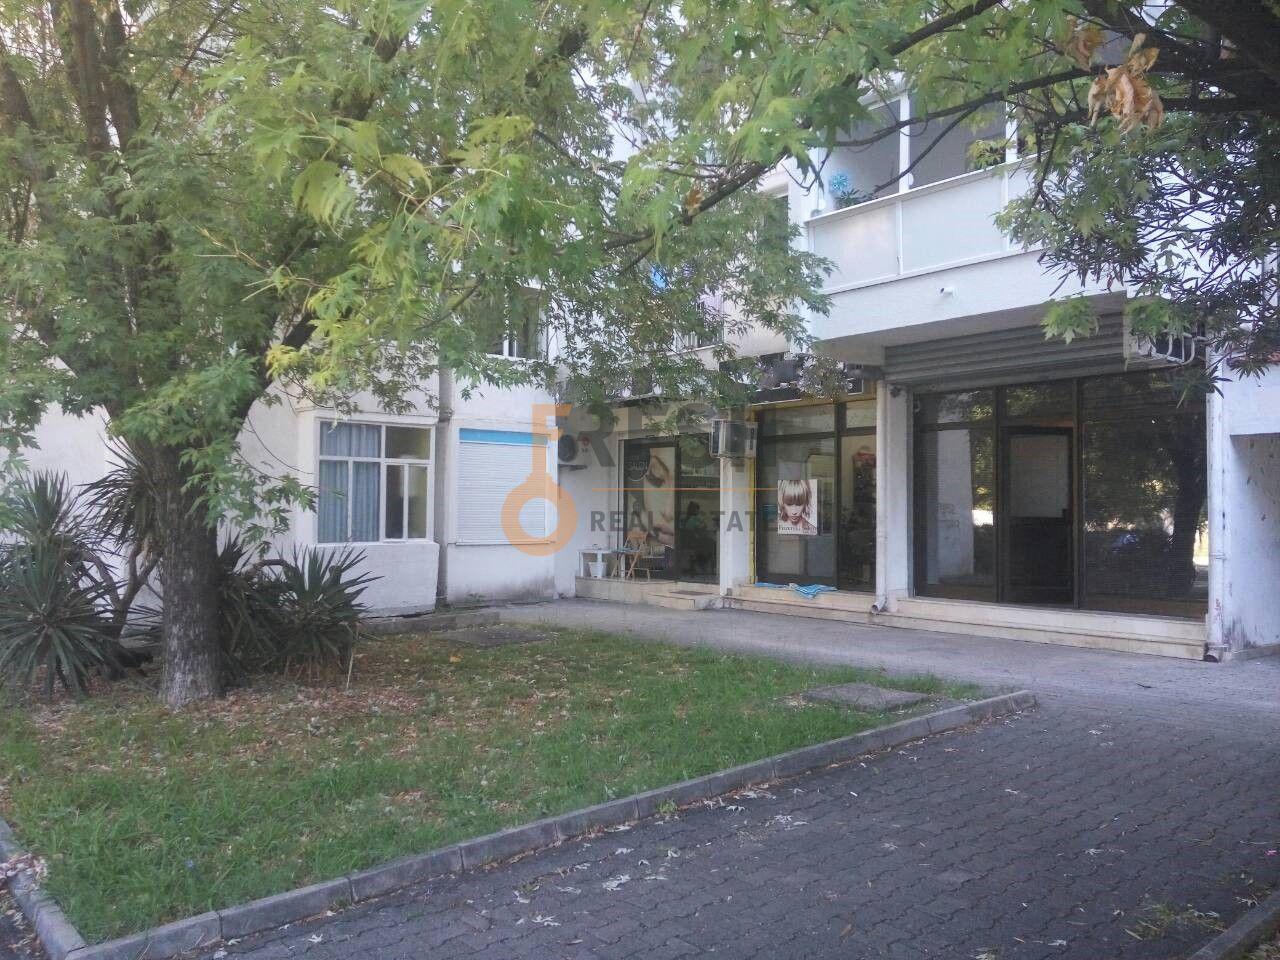 Poslovni prostor, 18m2, Bar, Prodaja - 1